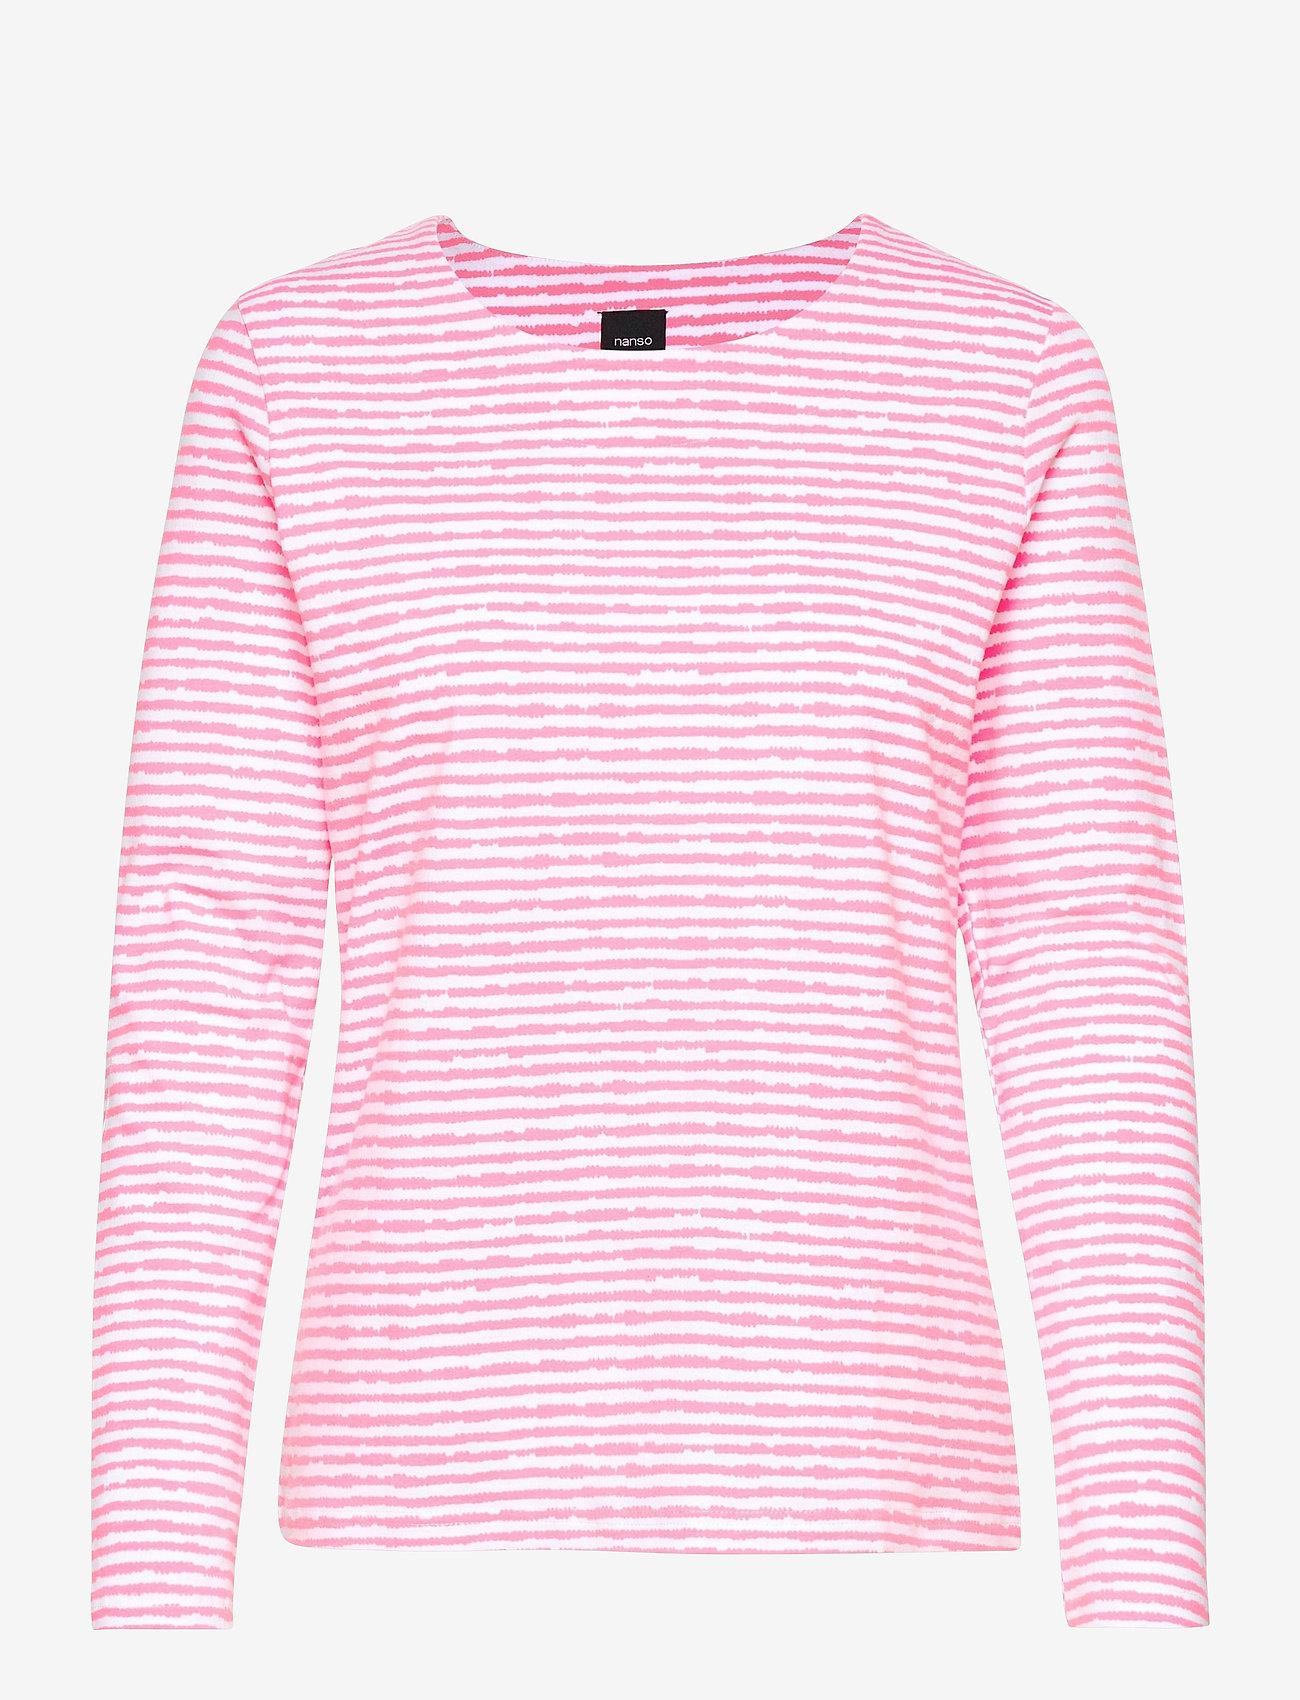 Nanso - Ladies blouse, Aprilli - tops met lange mouwen - pink - 0